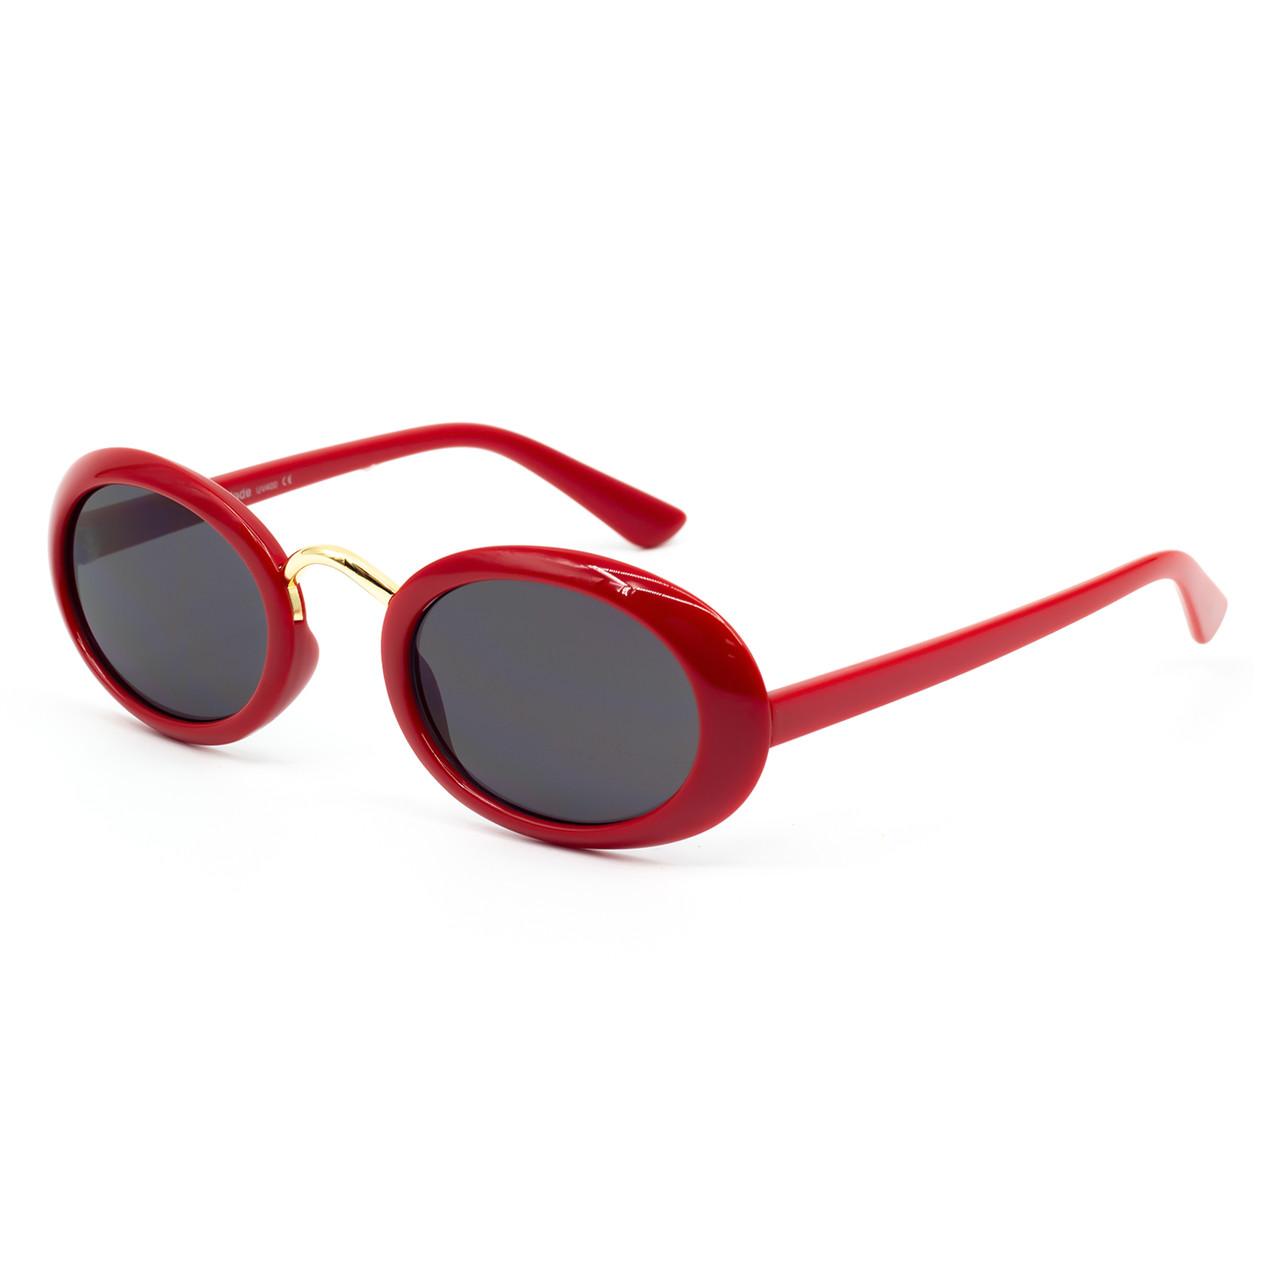 Сонцезахисні окуляри Marmilen 95114 C4 червоний ( 95114-04 )